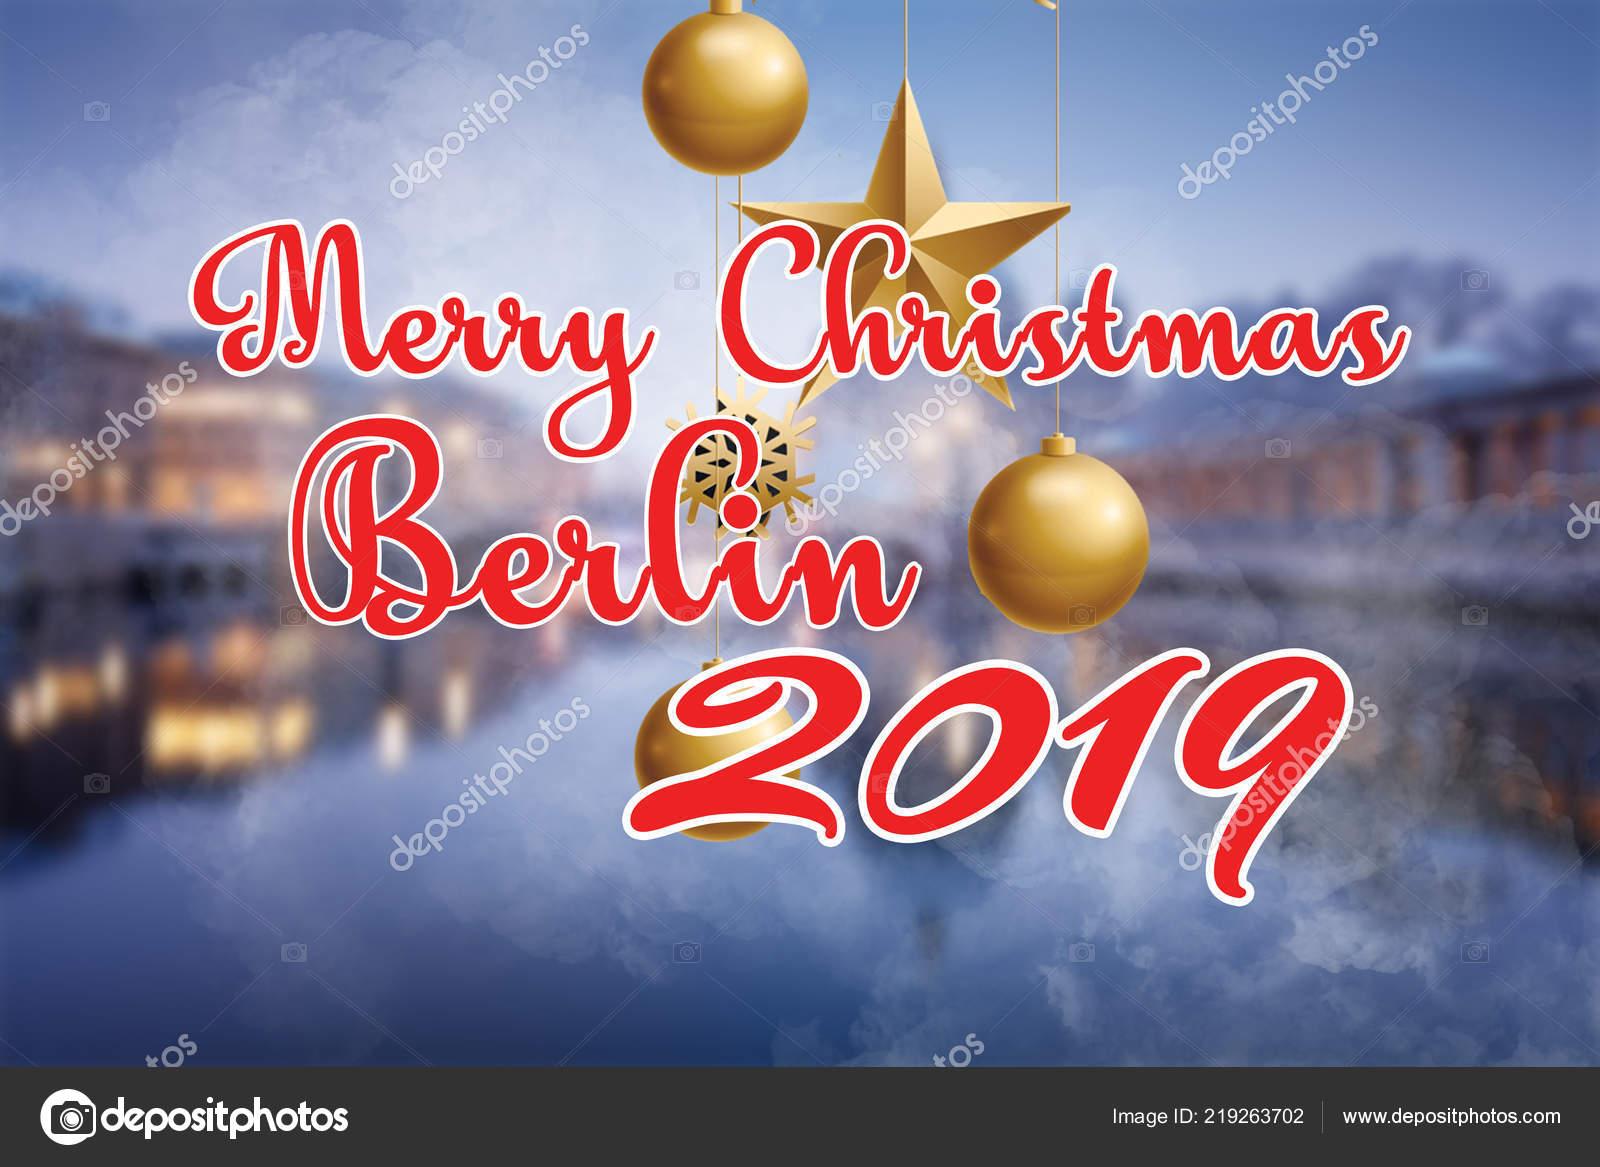 Foto Cartoline Natale 2019 Sposare Cartolina Auguri